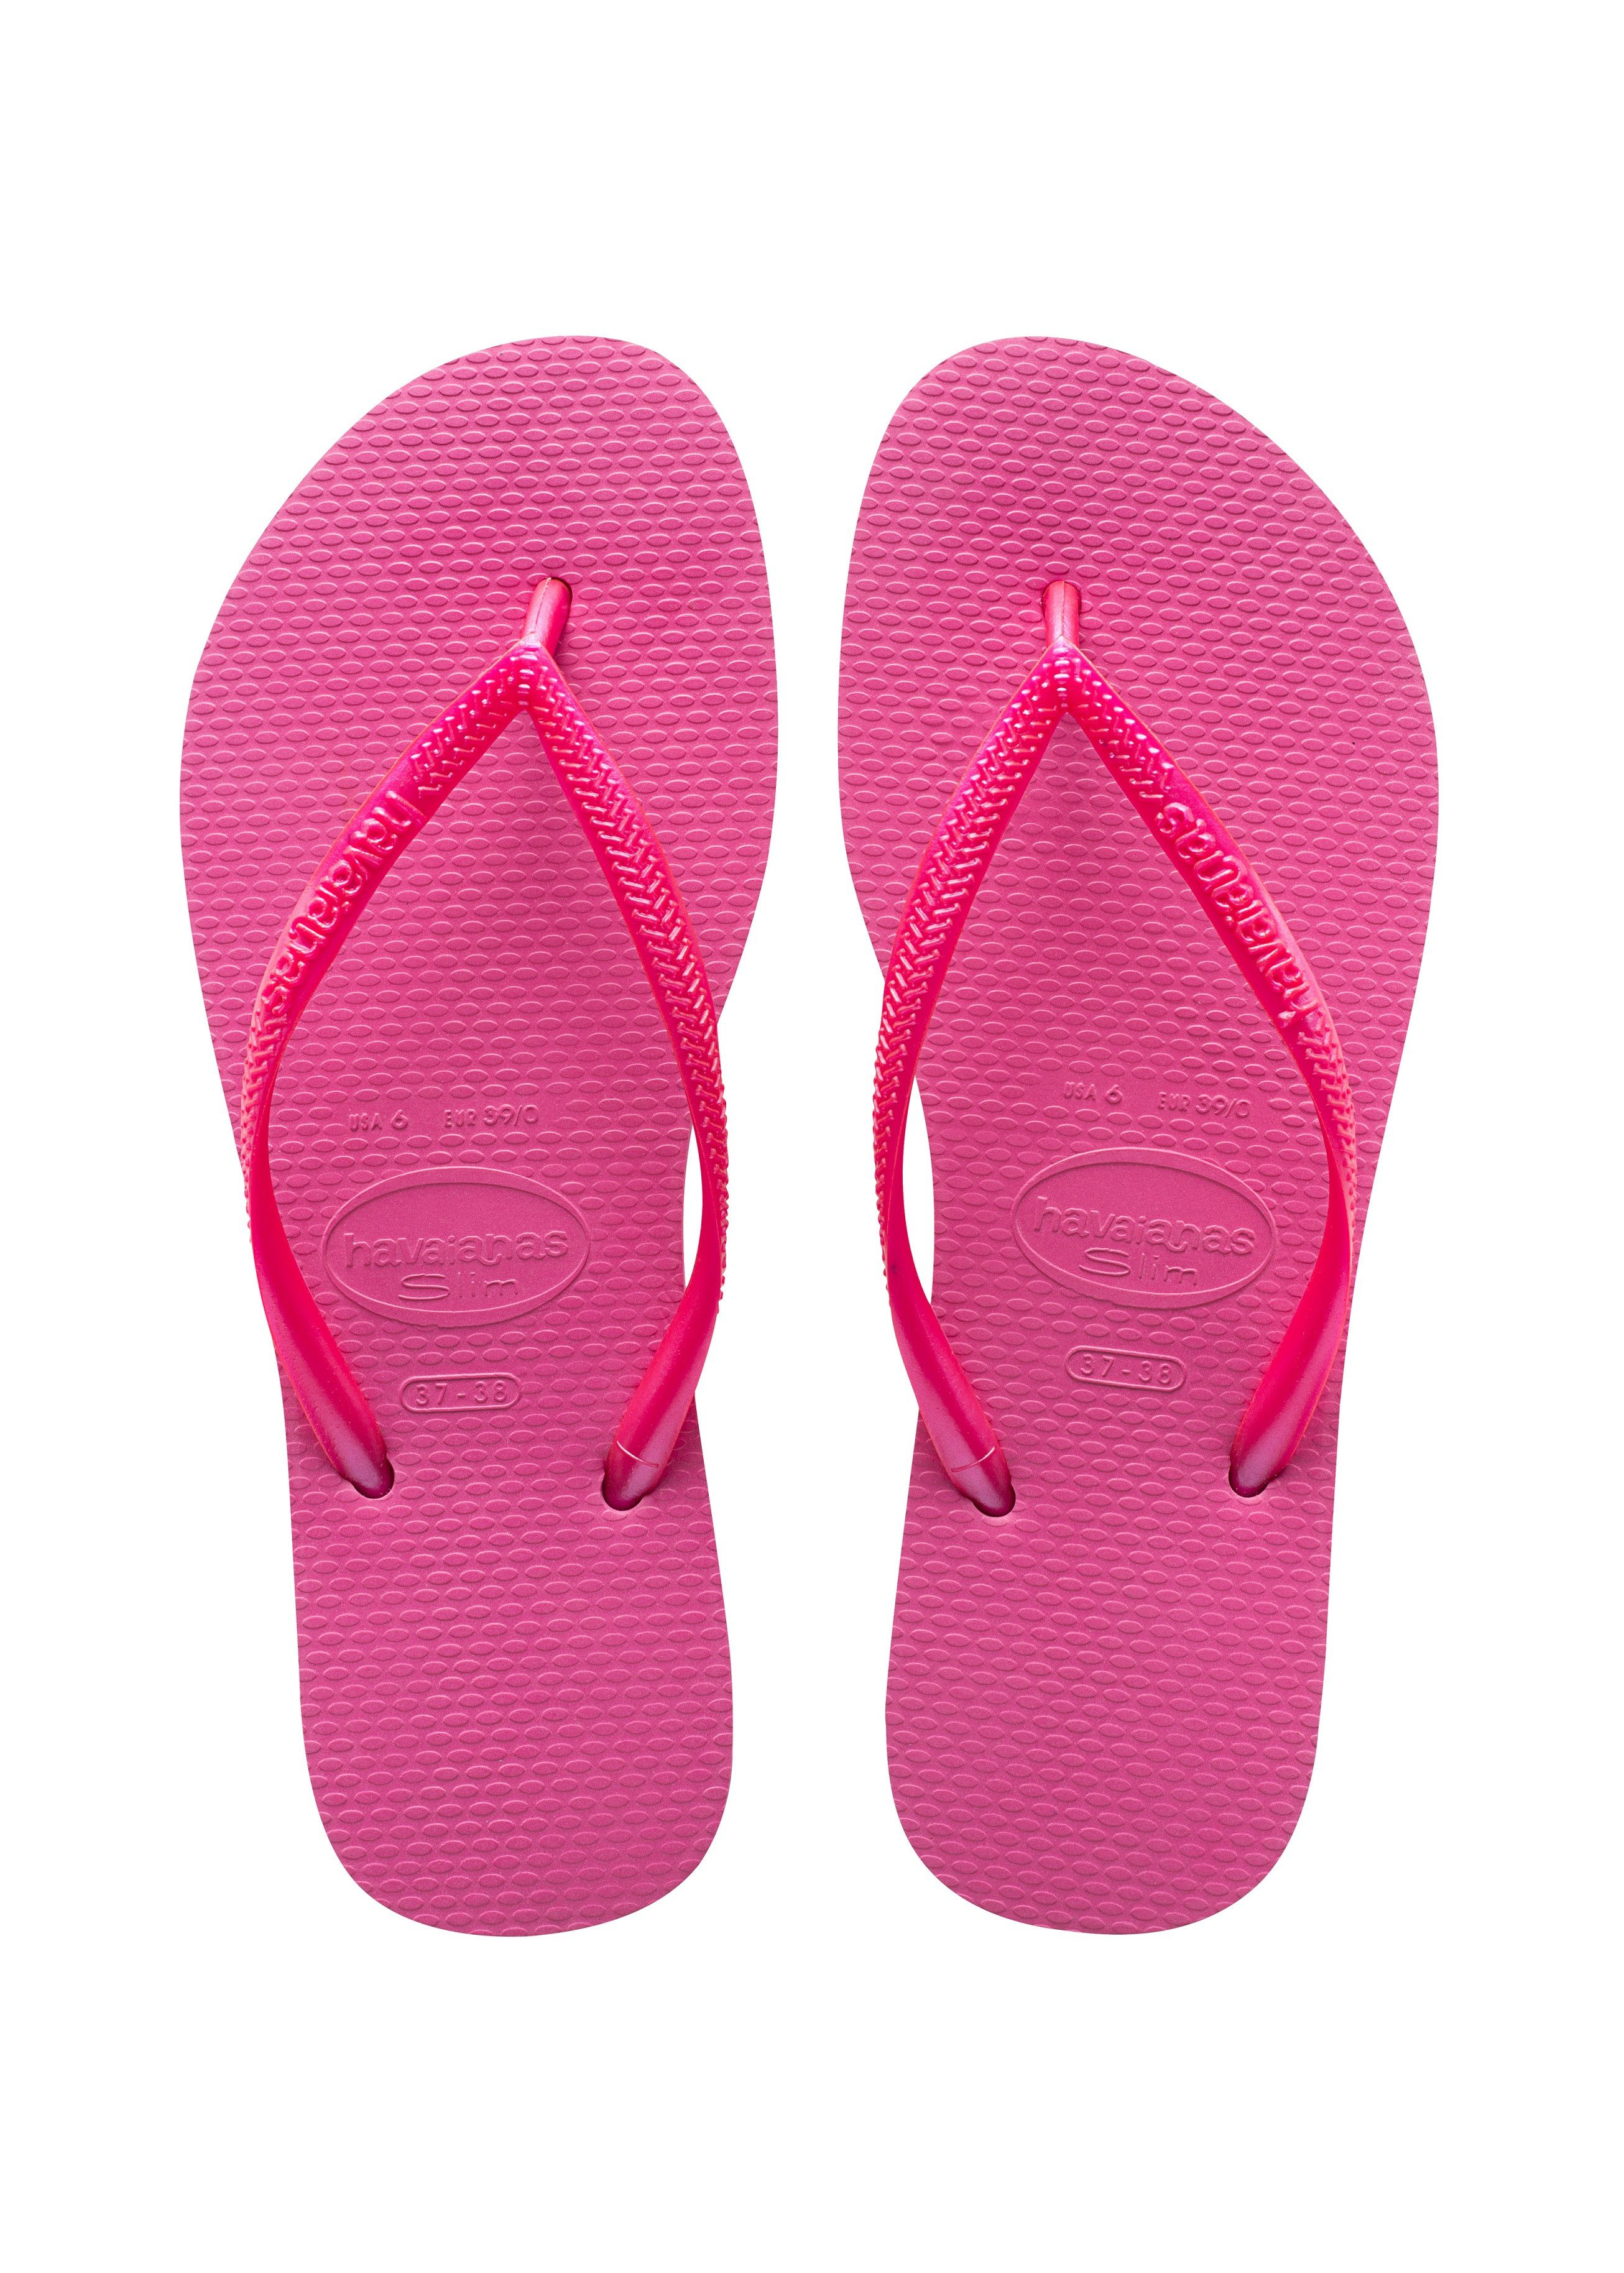 d93675c7d Havaianas Slim Sandal Shocking Pink Shocking Pink Price From  ₩27